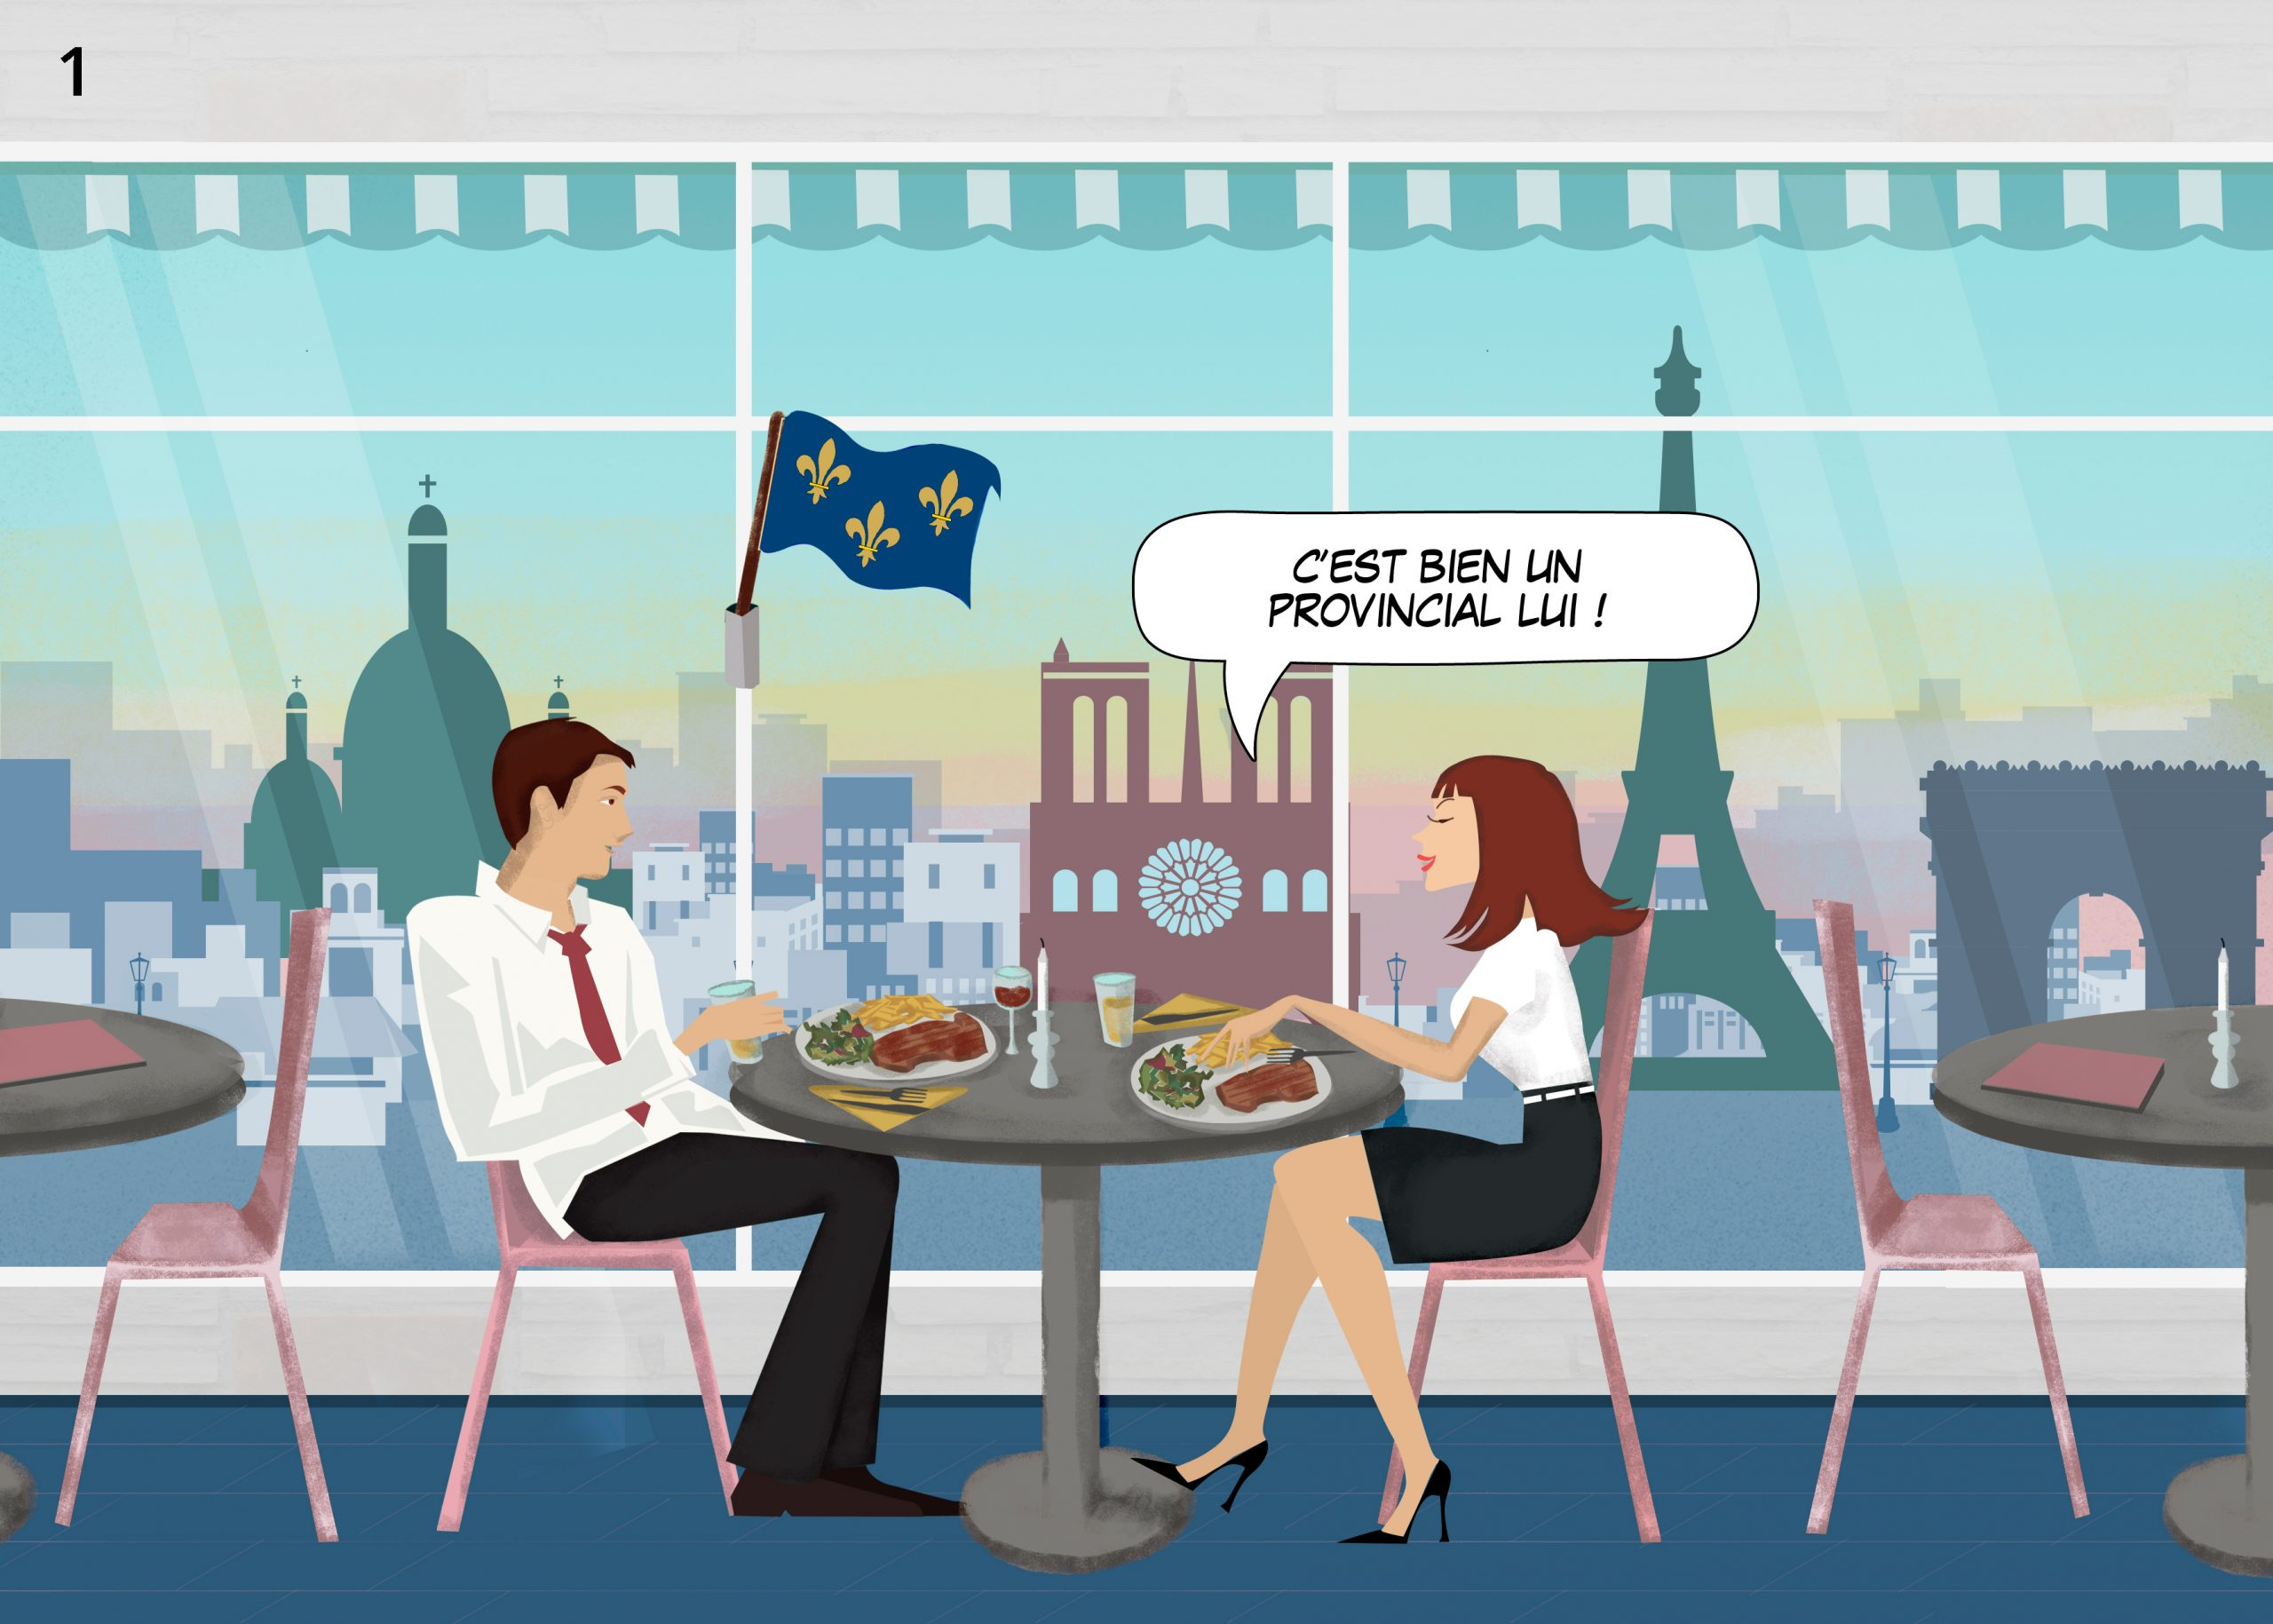 Jeu-Concours : Quelles Régions Sont Représentées ? - Movehub intérieur Jeu Sur Les Régions De France